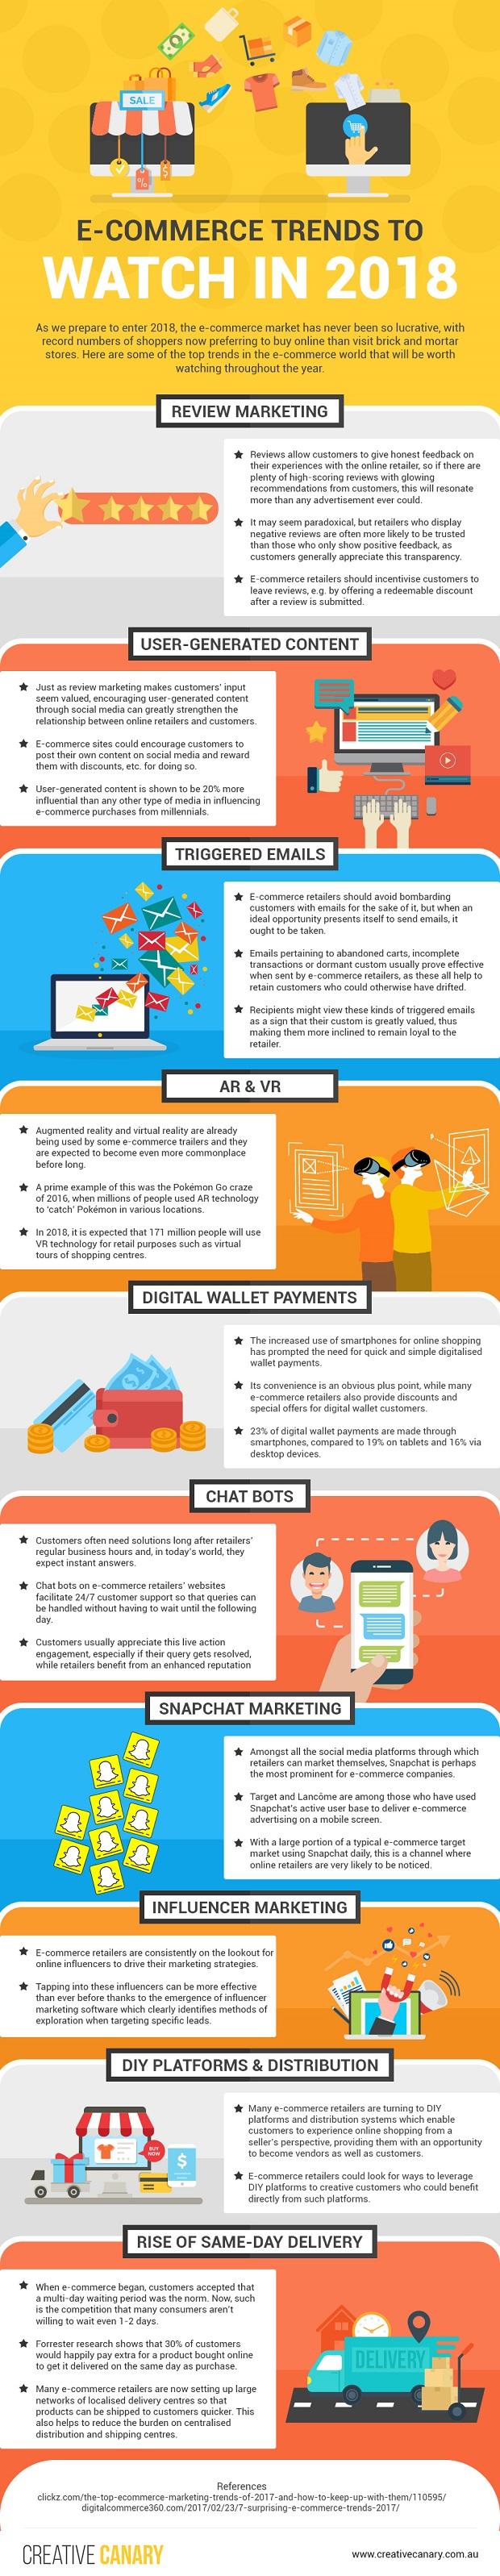 10-e-commerce-trends